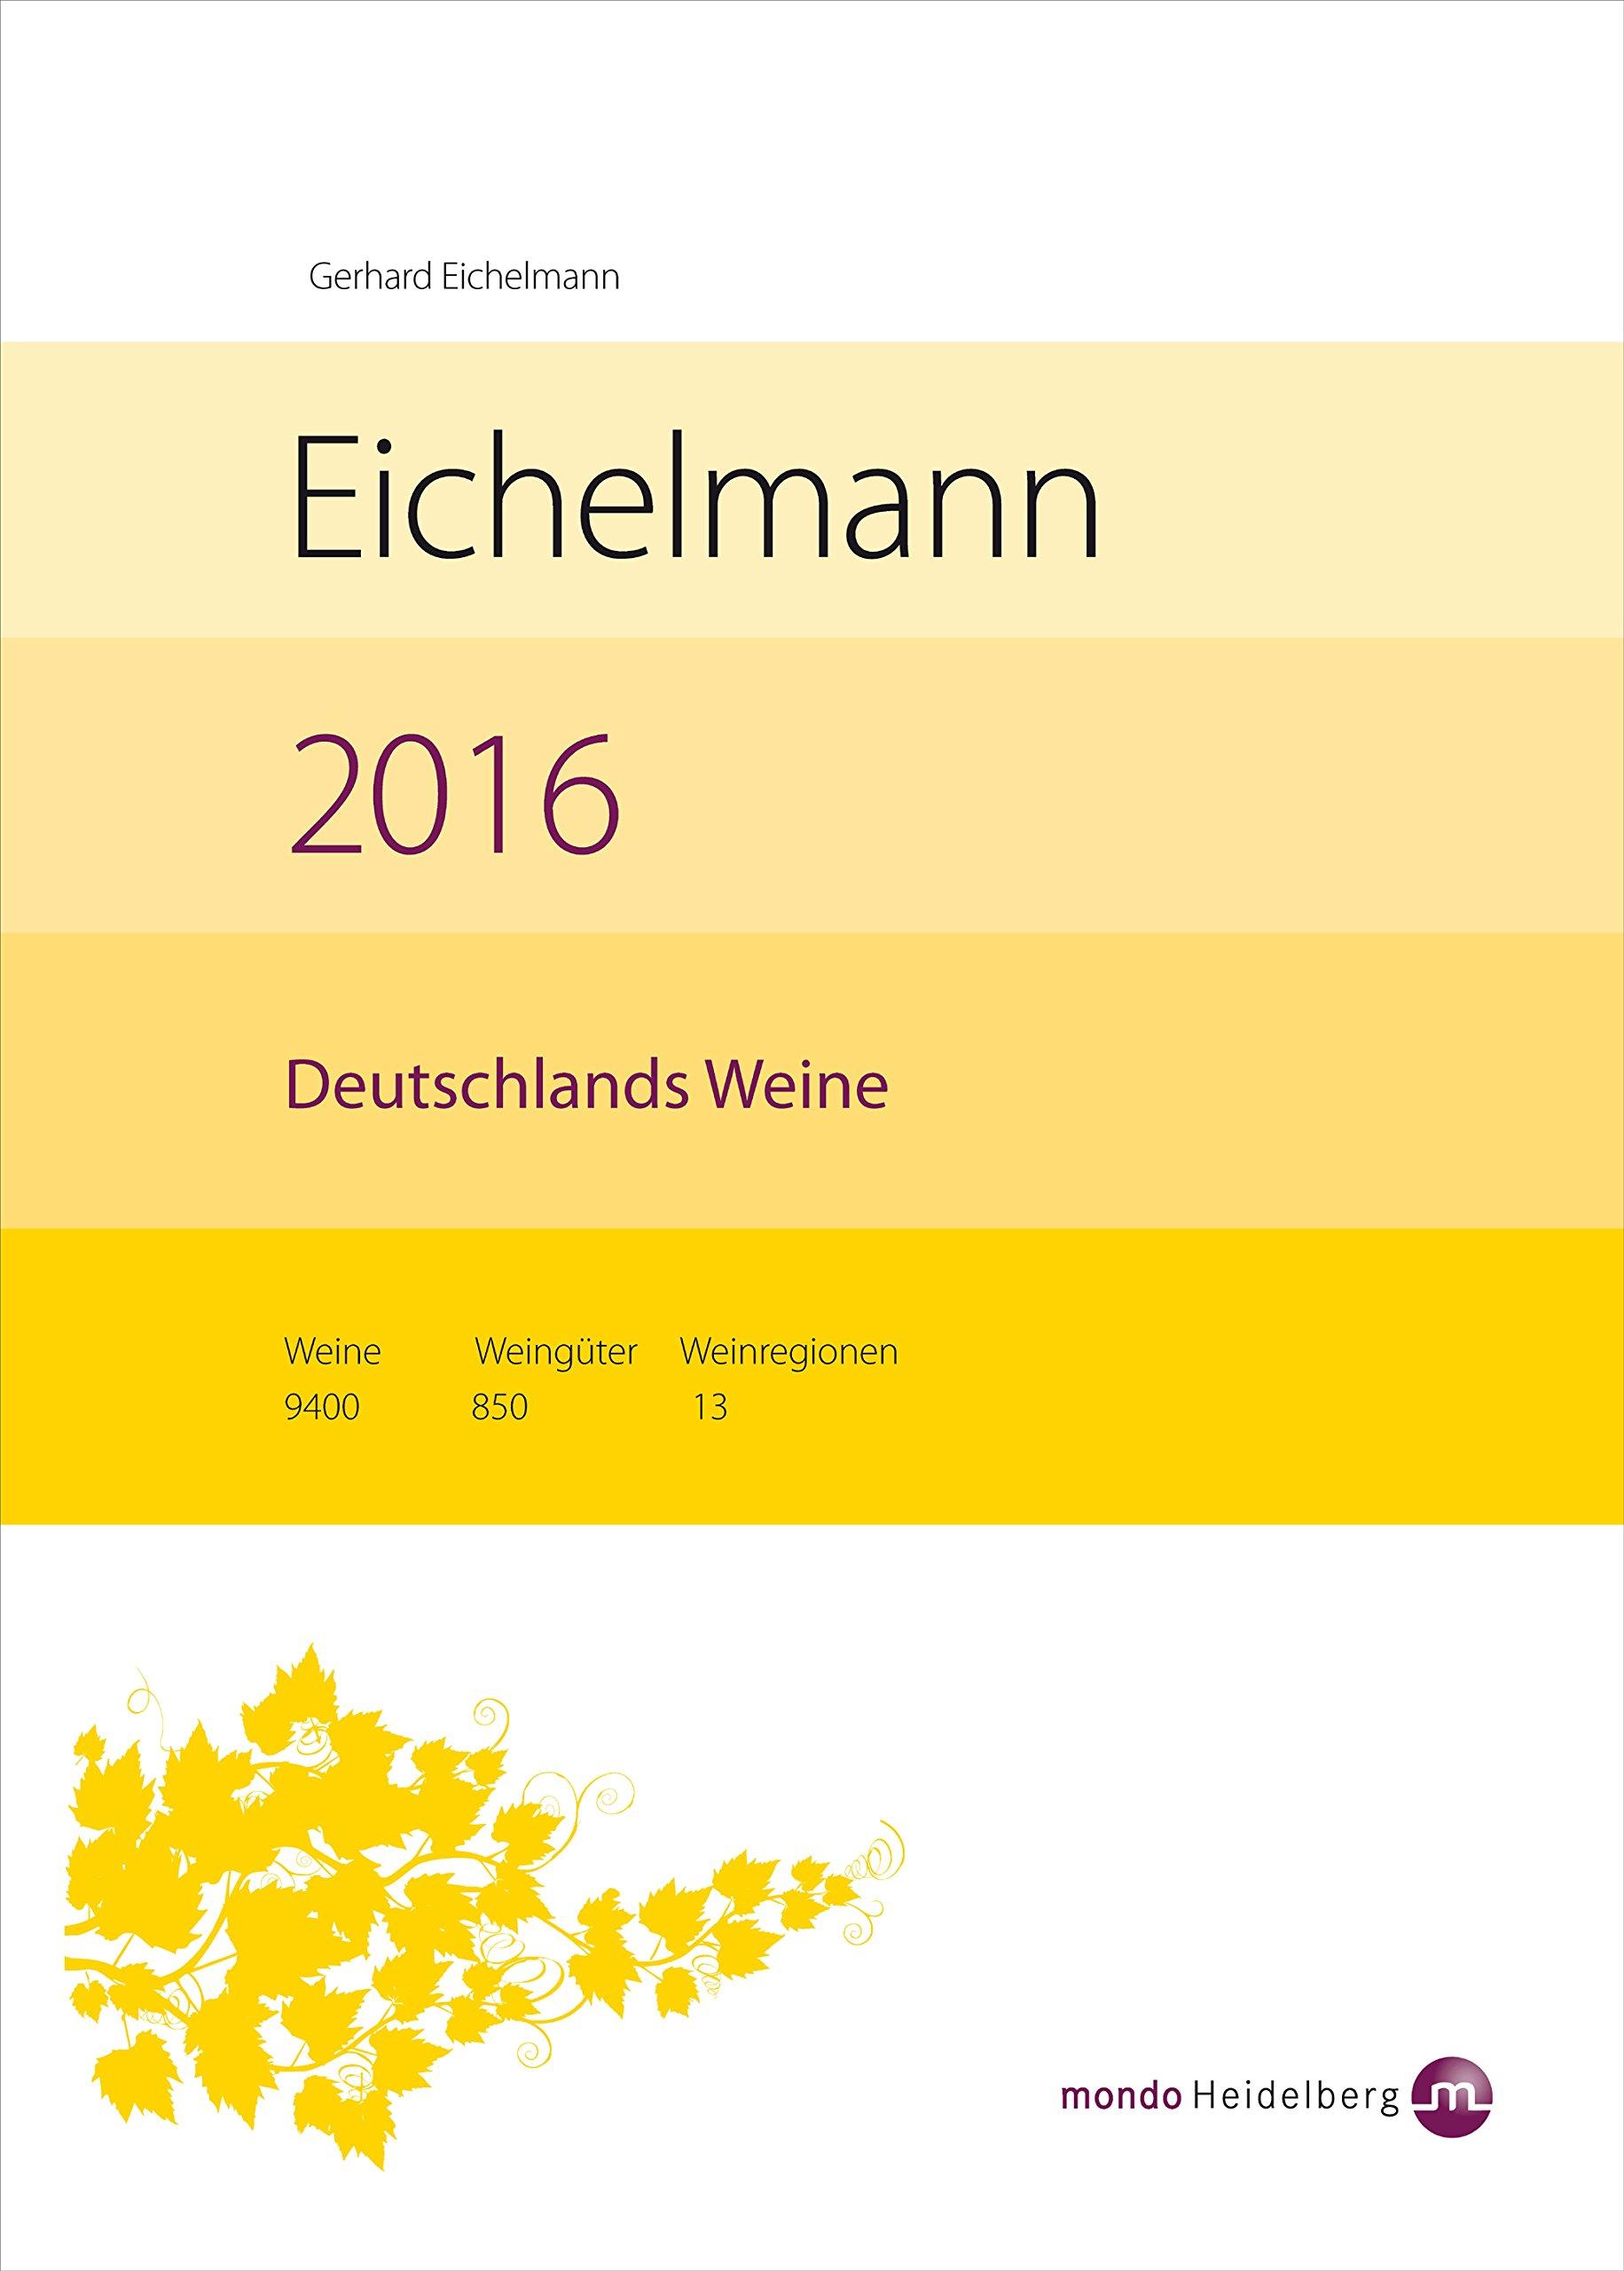 Buch: Jetzt vorbestellen: Eichelmann Weinführer 2016